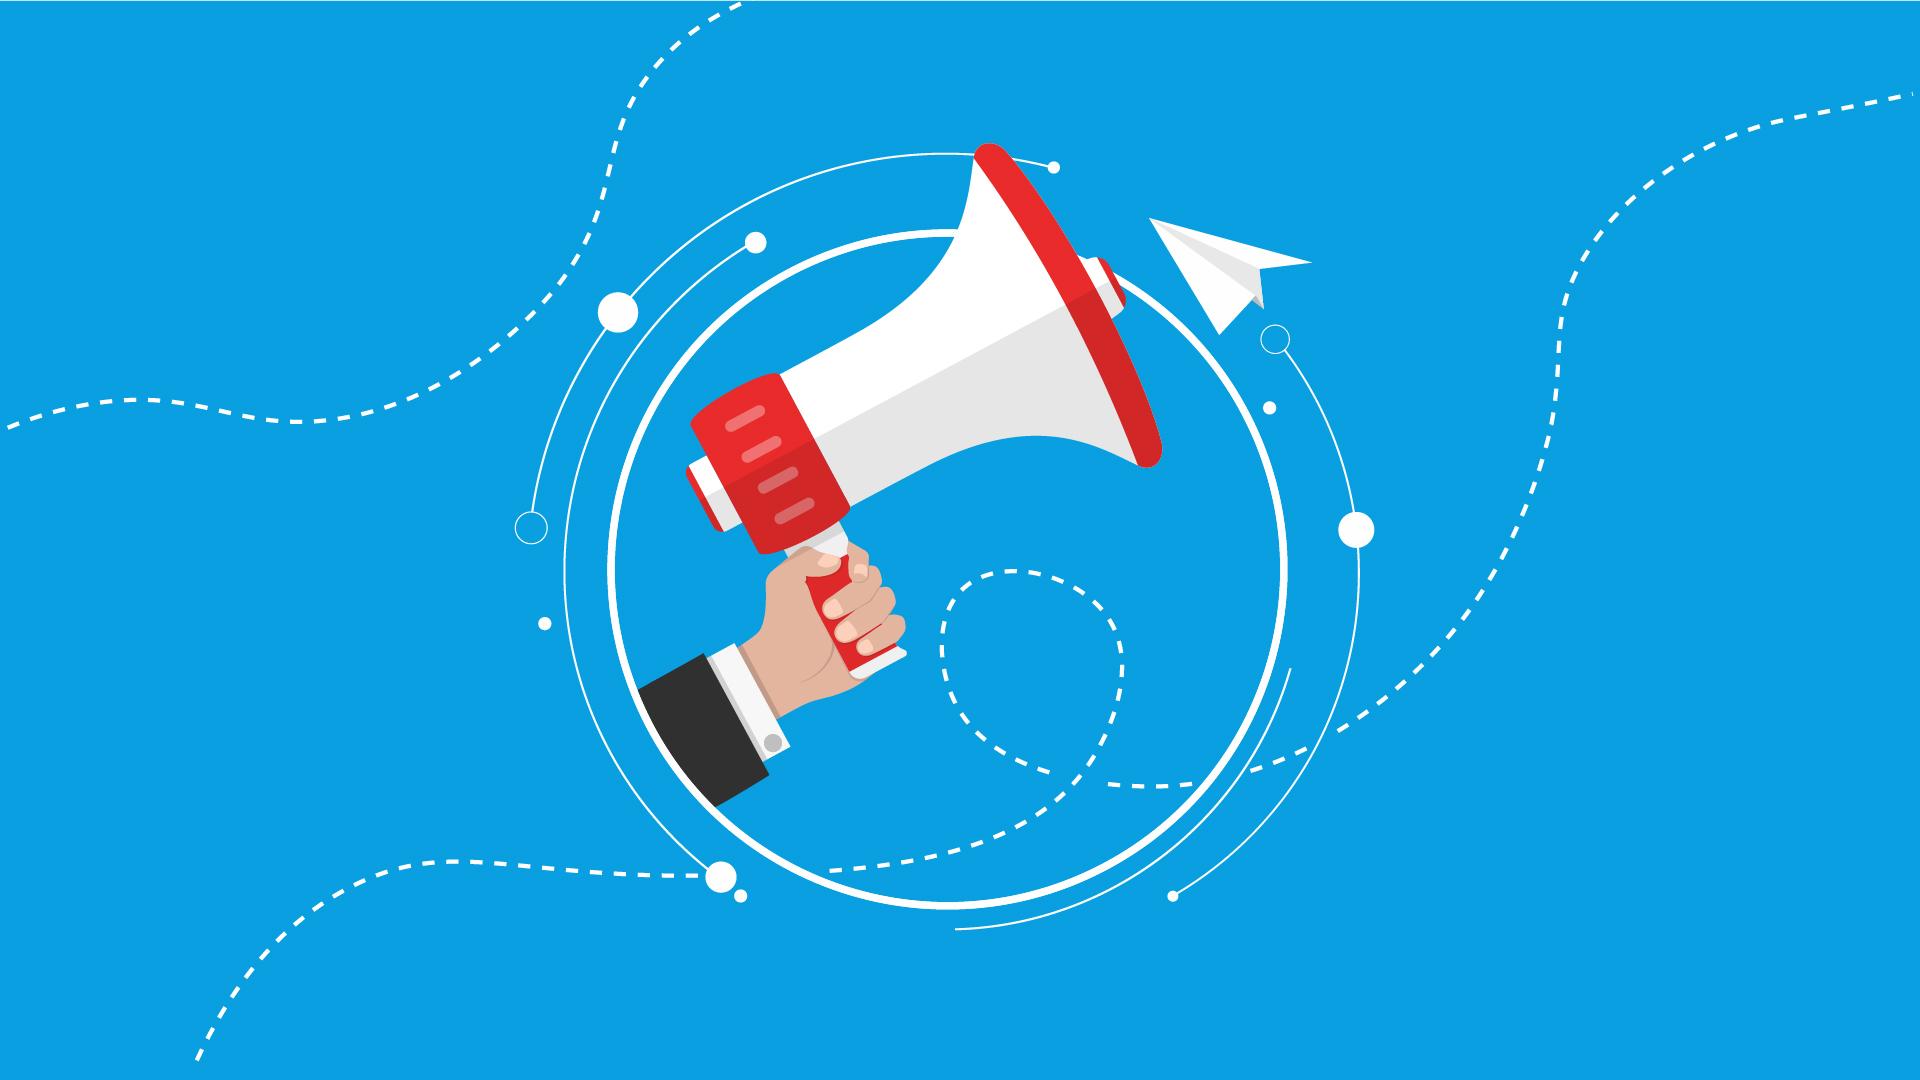 Kreative Kommunikationslösungen während der Krise